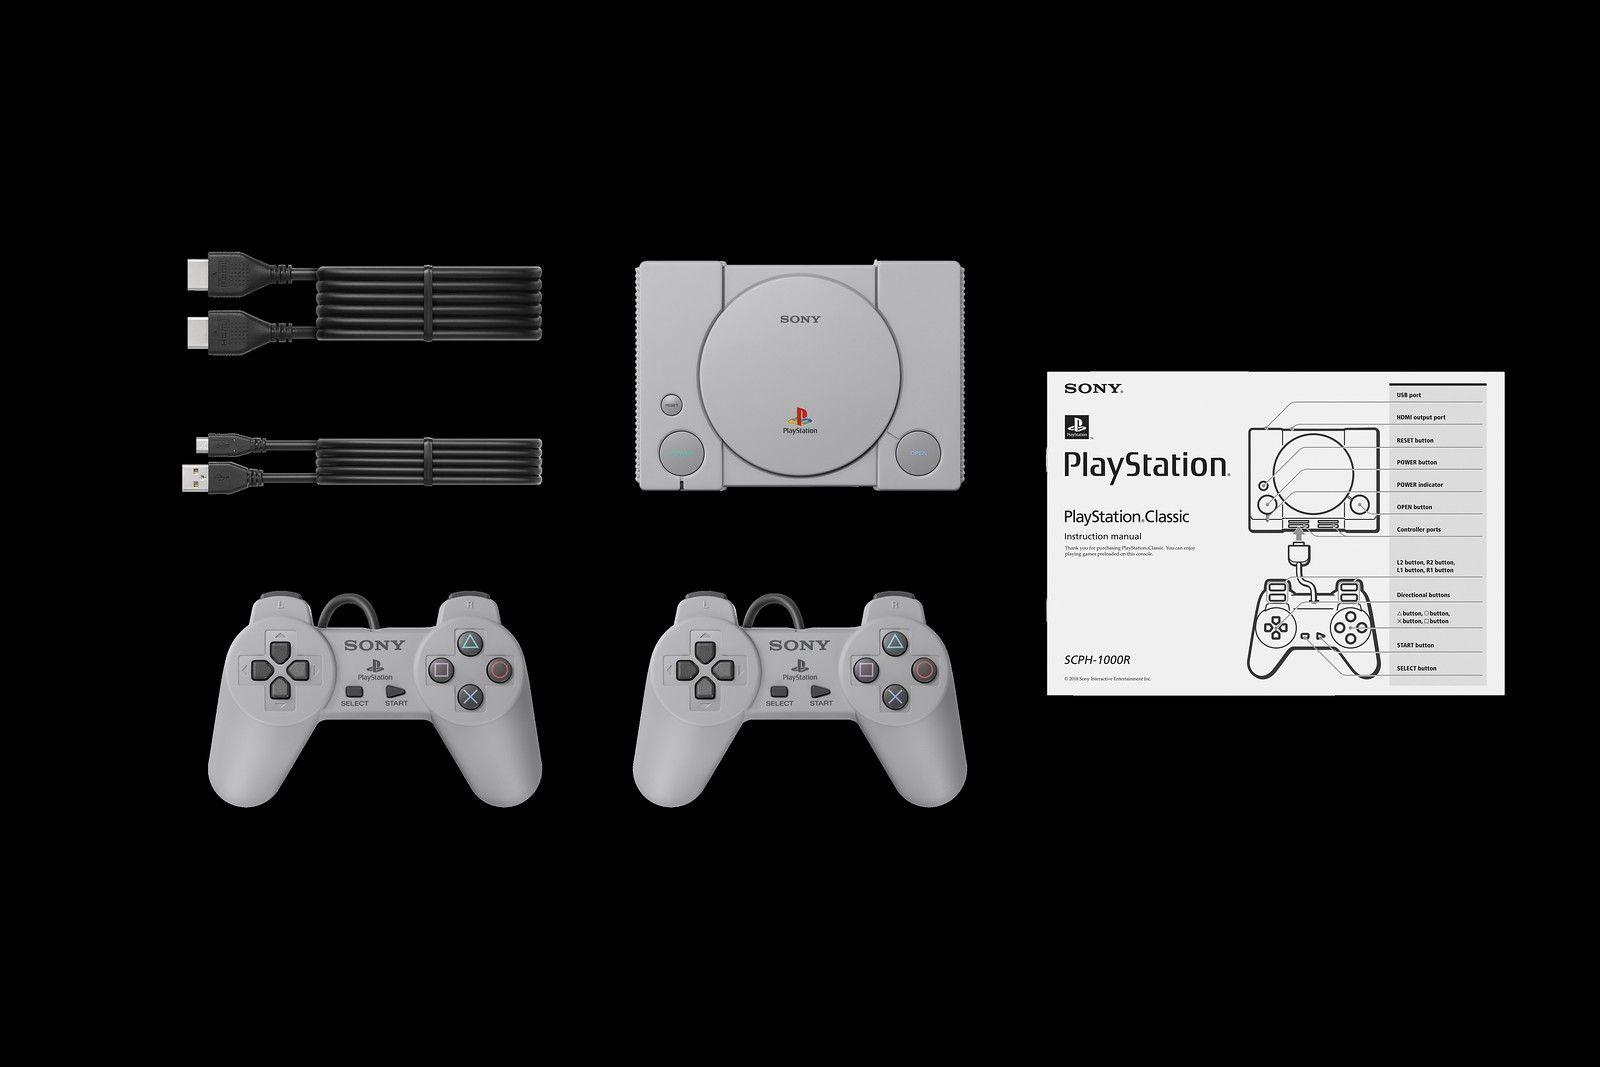 Descargar Juegos De Playstation Classic Playstation Juegos En Internet Juegos